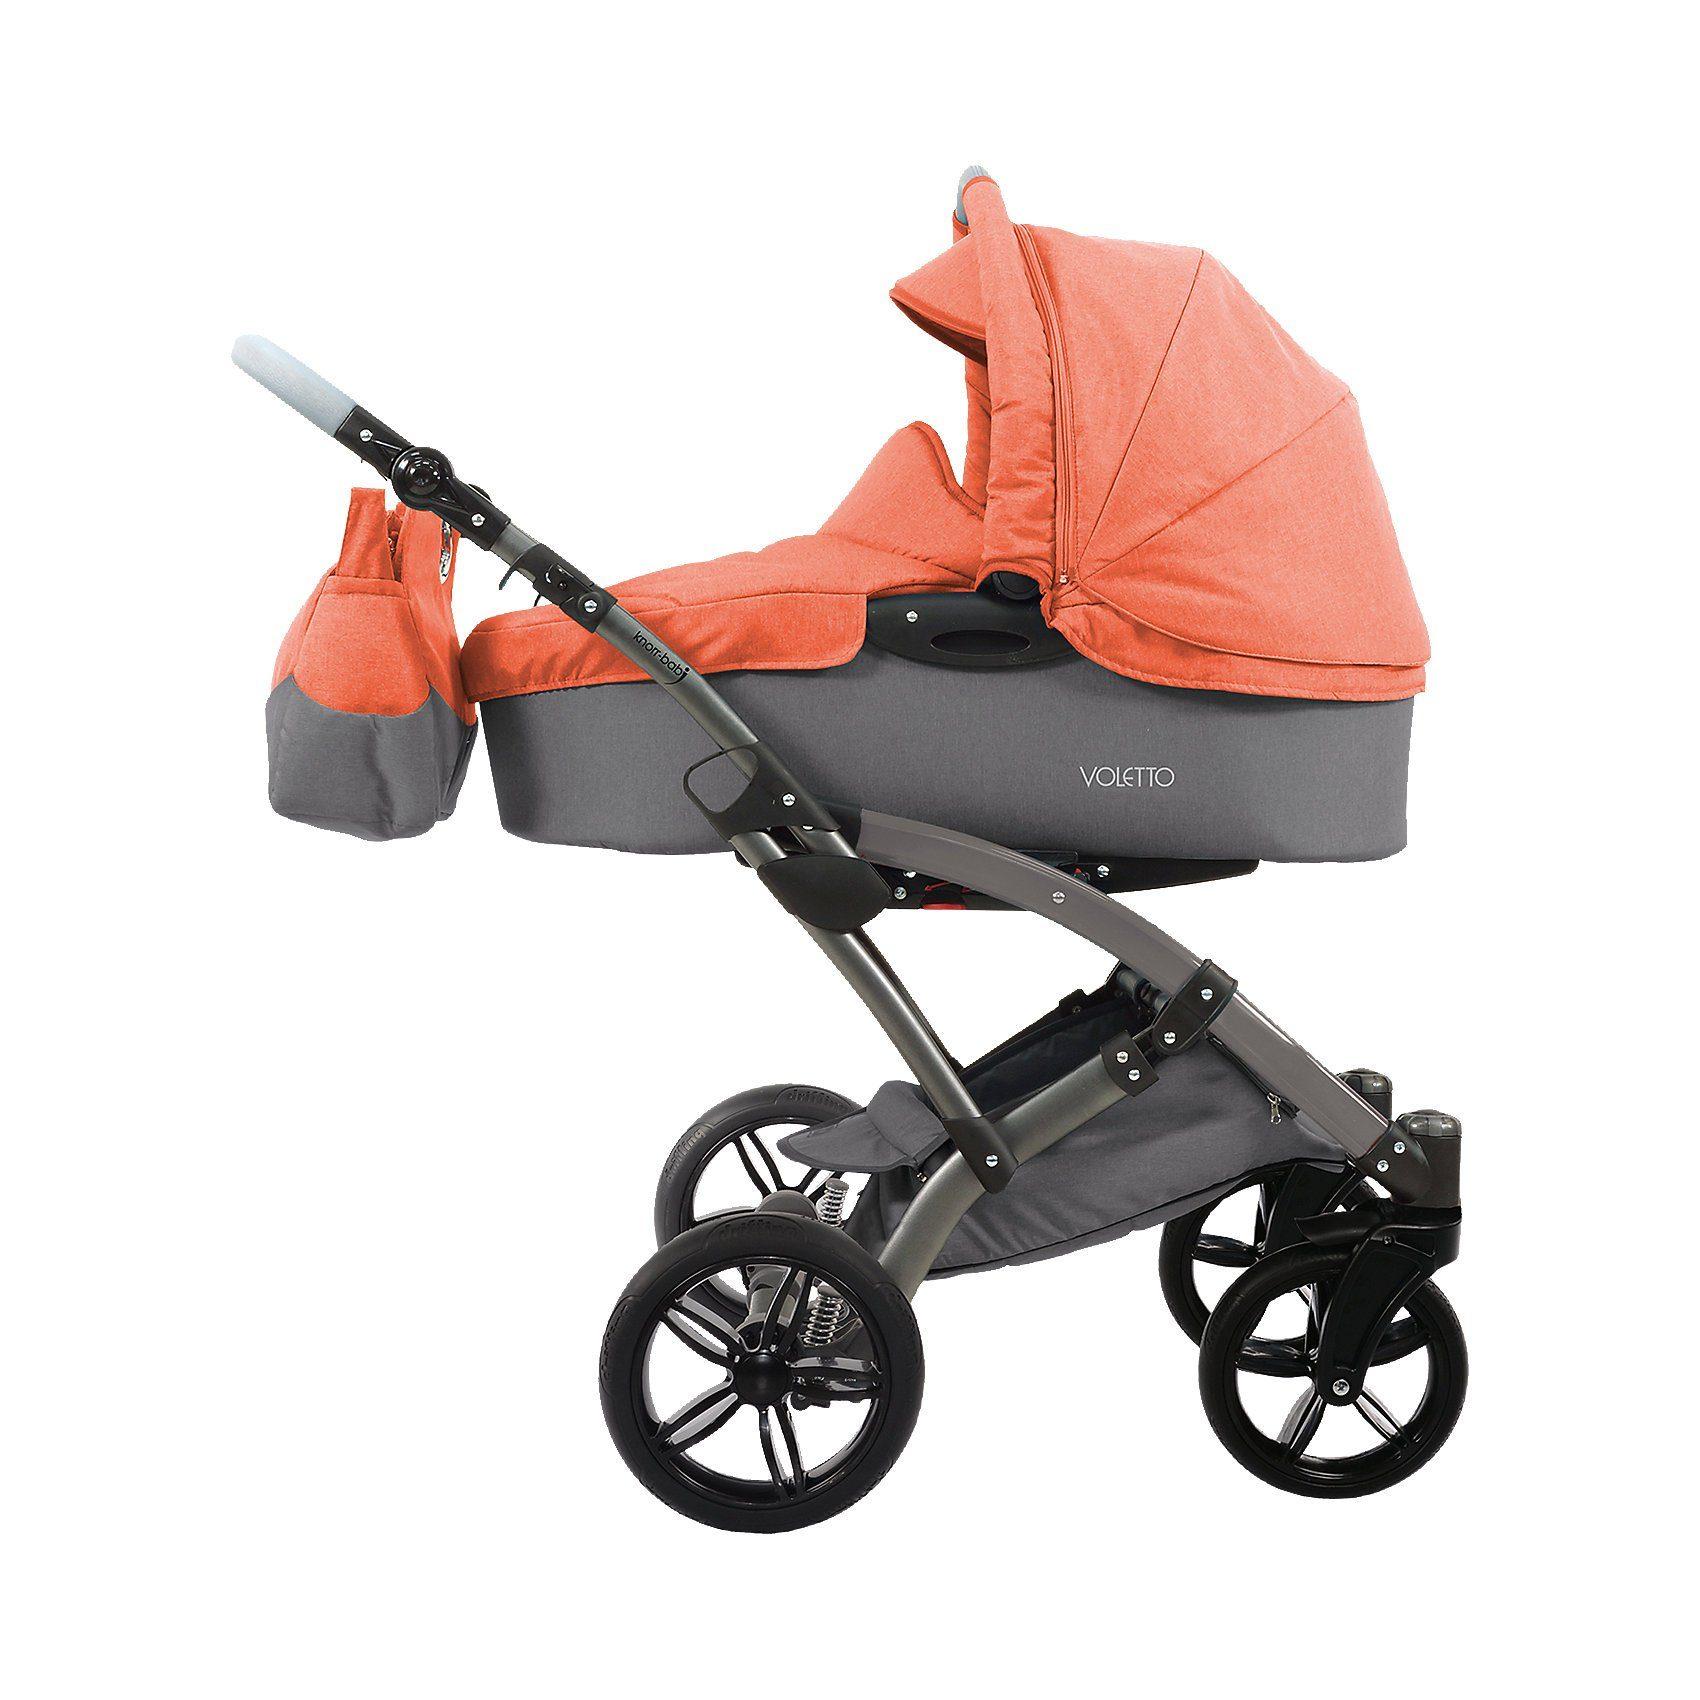 knorr-baby Kombi Kinderwagen Voletto Happy Colour, grau-orange